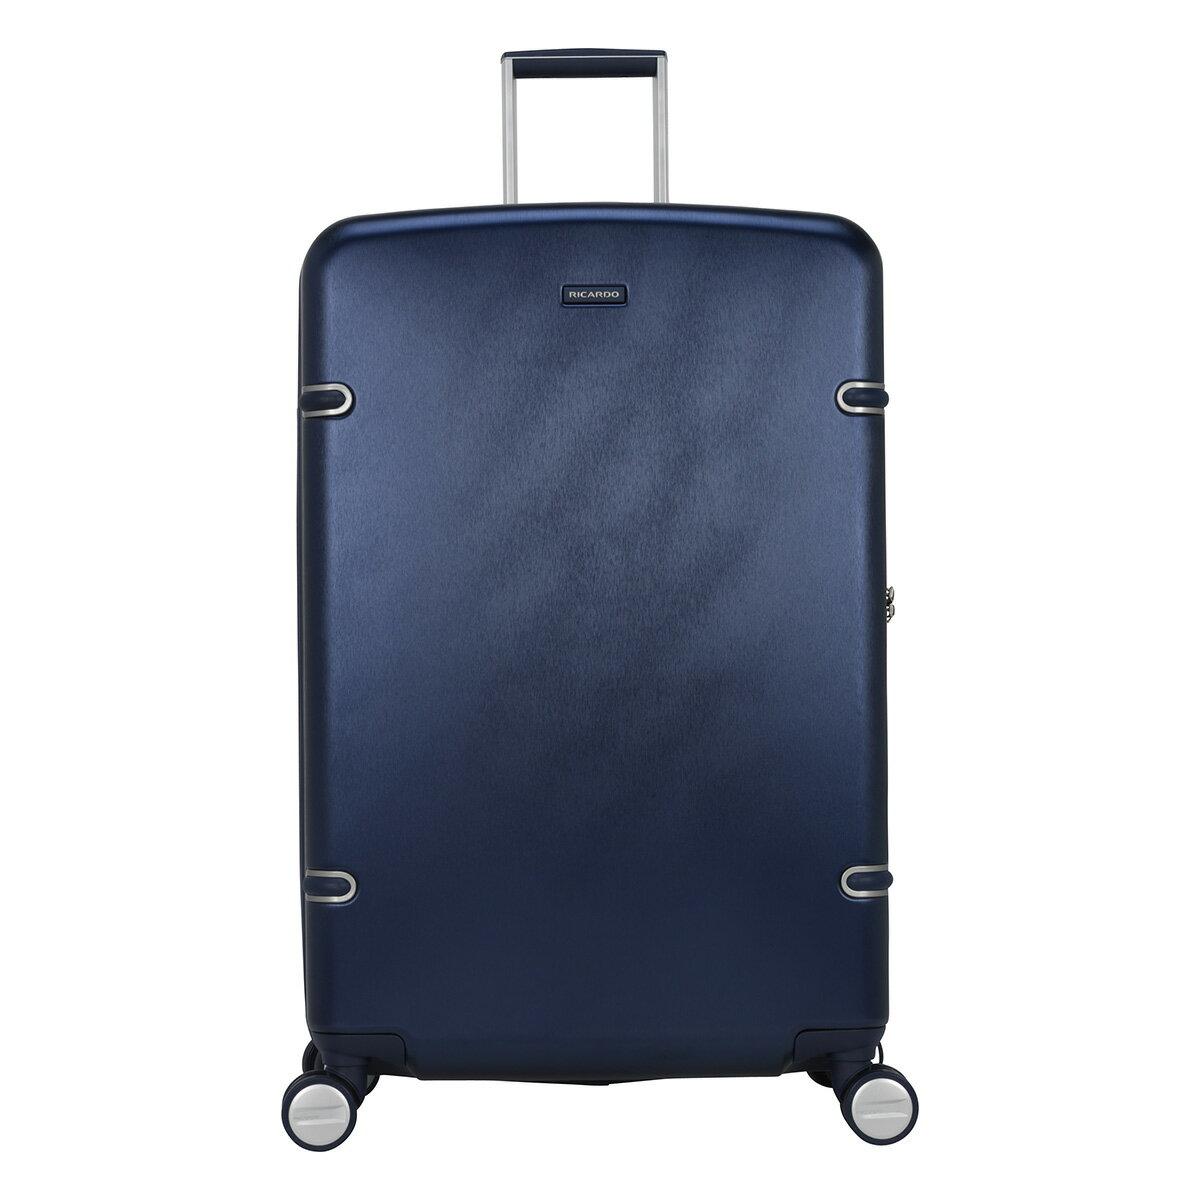 リカルド RICARDO スーツケース Arris アリス 29インチ スピナー キャリーバッグ キャリーケース 1週間以上 Lサイズ 100L以上 ハードケース 大容量 軽量 4輪 静音 拡張  158cm以内 レザー調 おしゃれ 高級 ブランド